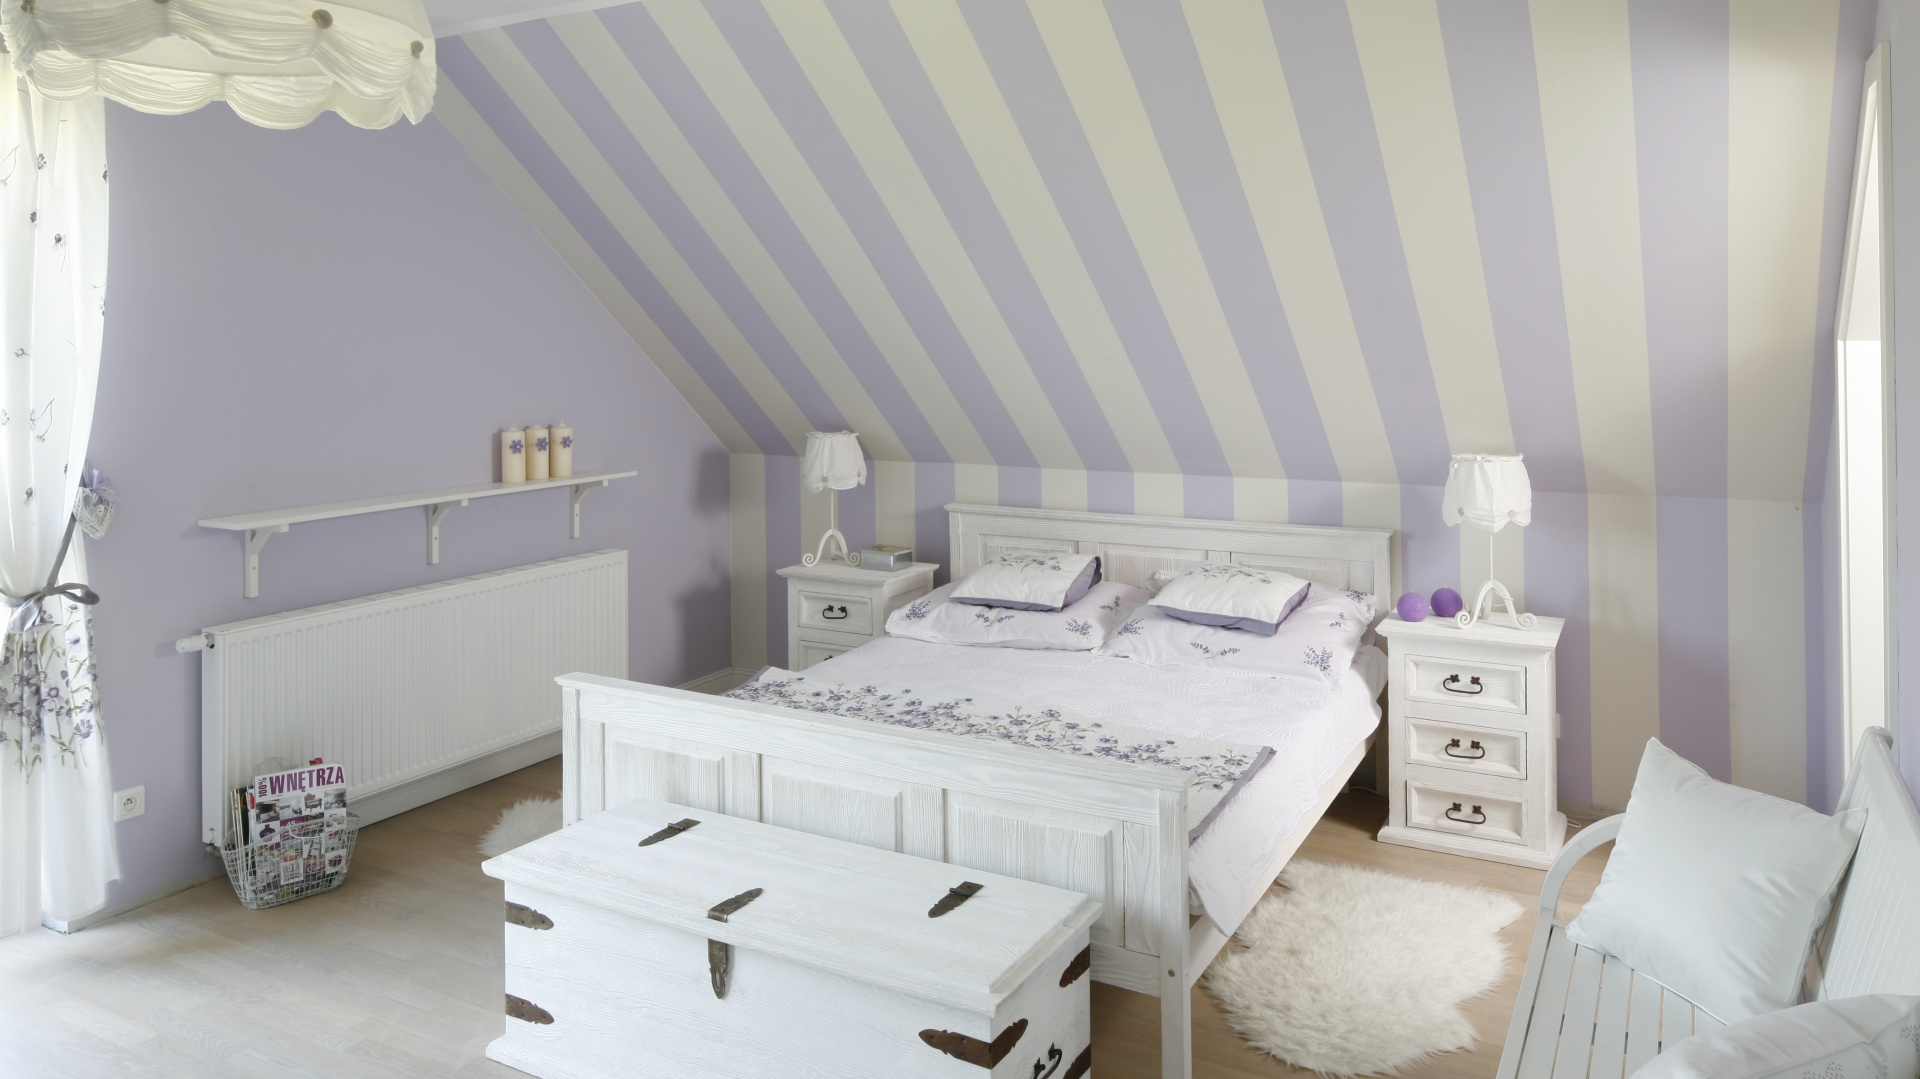 Piękna Sypialnia Pomysły Architektów Na Jasne Wnętrze